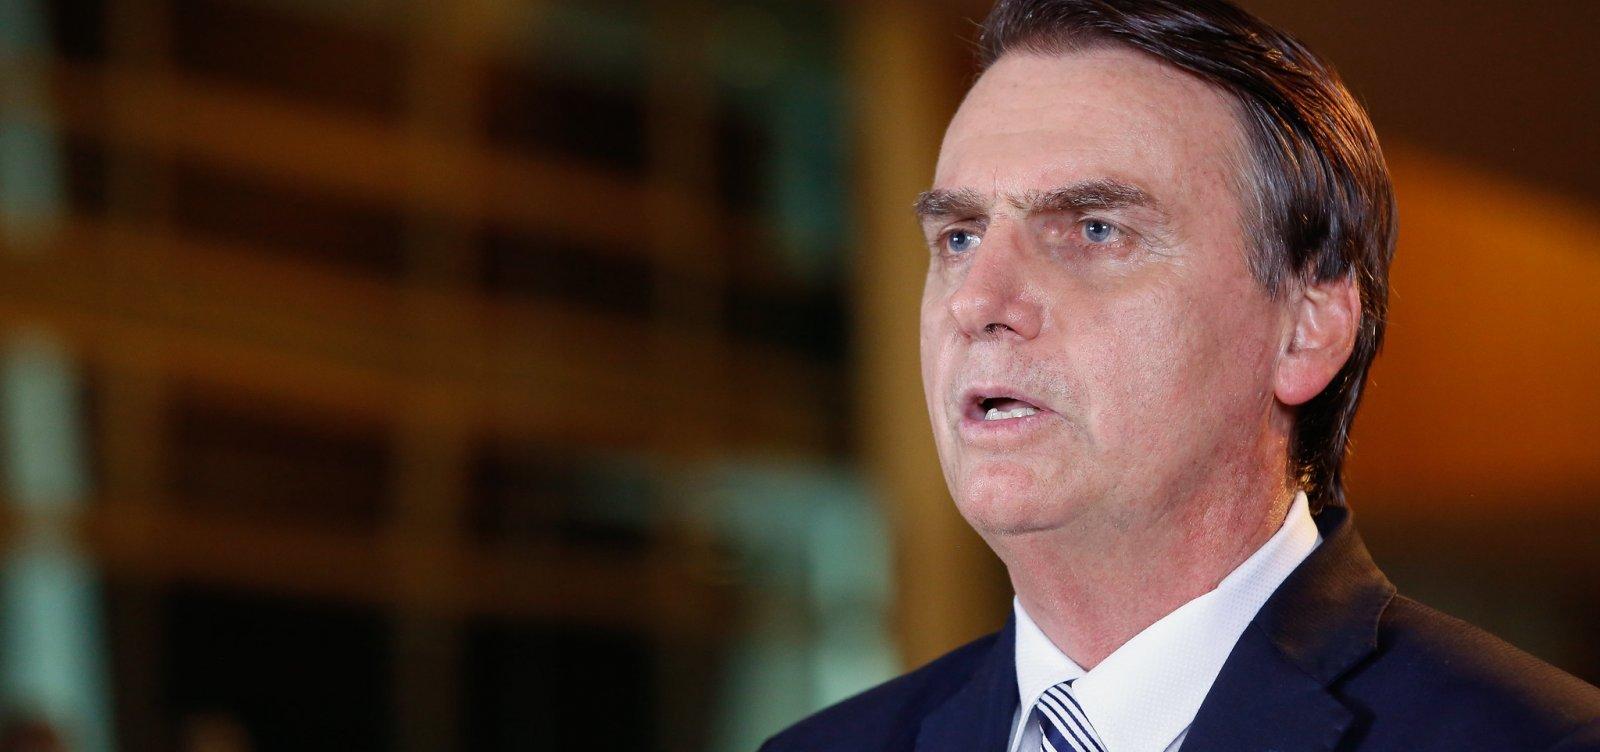 Partidos entram com pedido no TSE para que Bolsonaro explique declarações sobre urnas eletrônicas